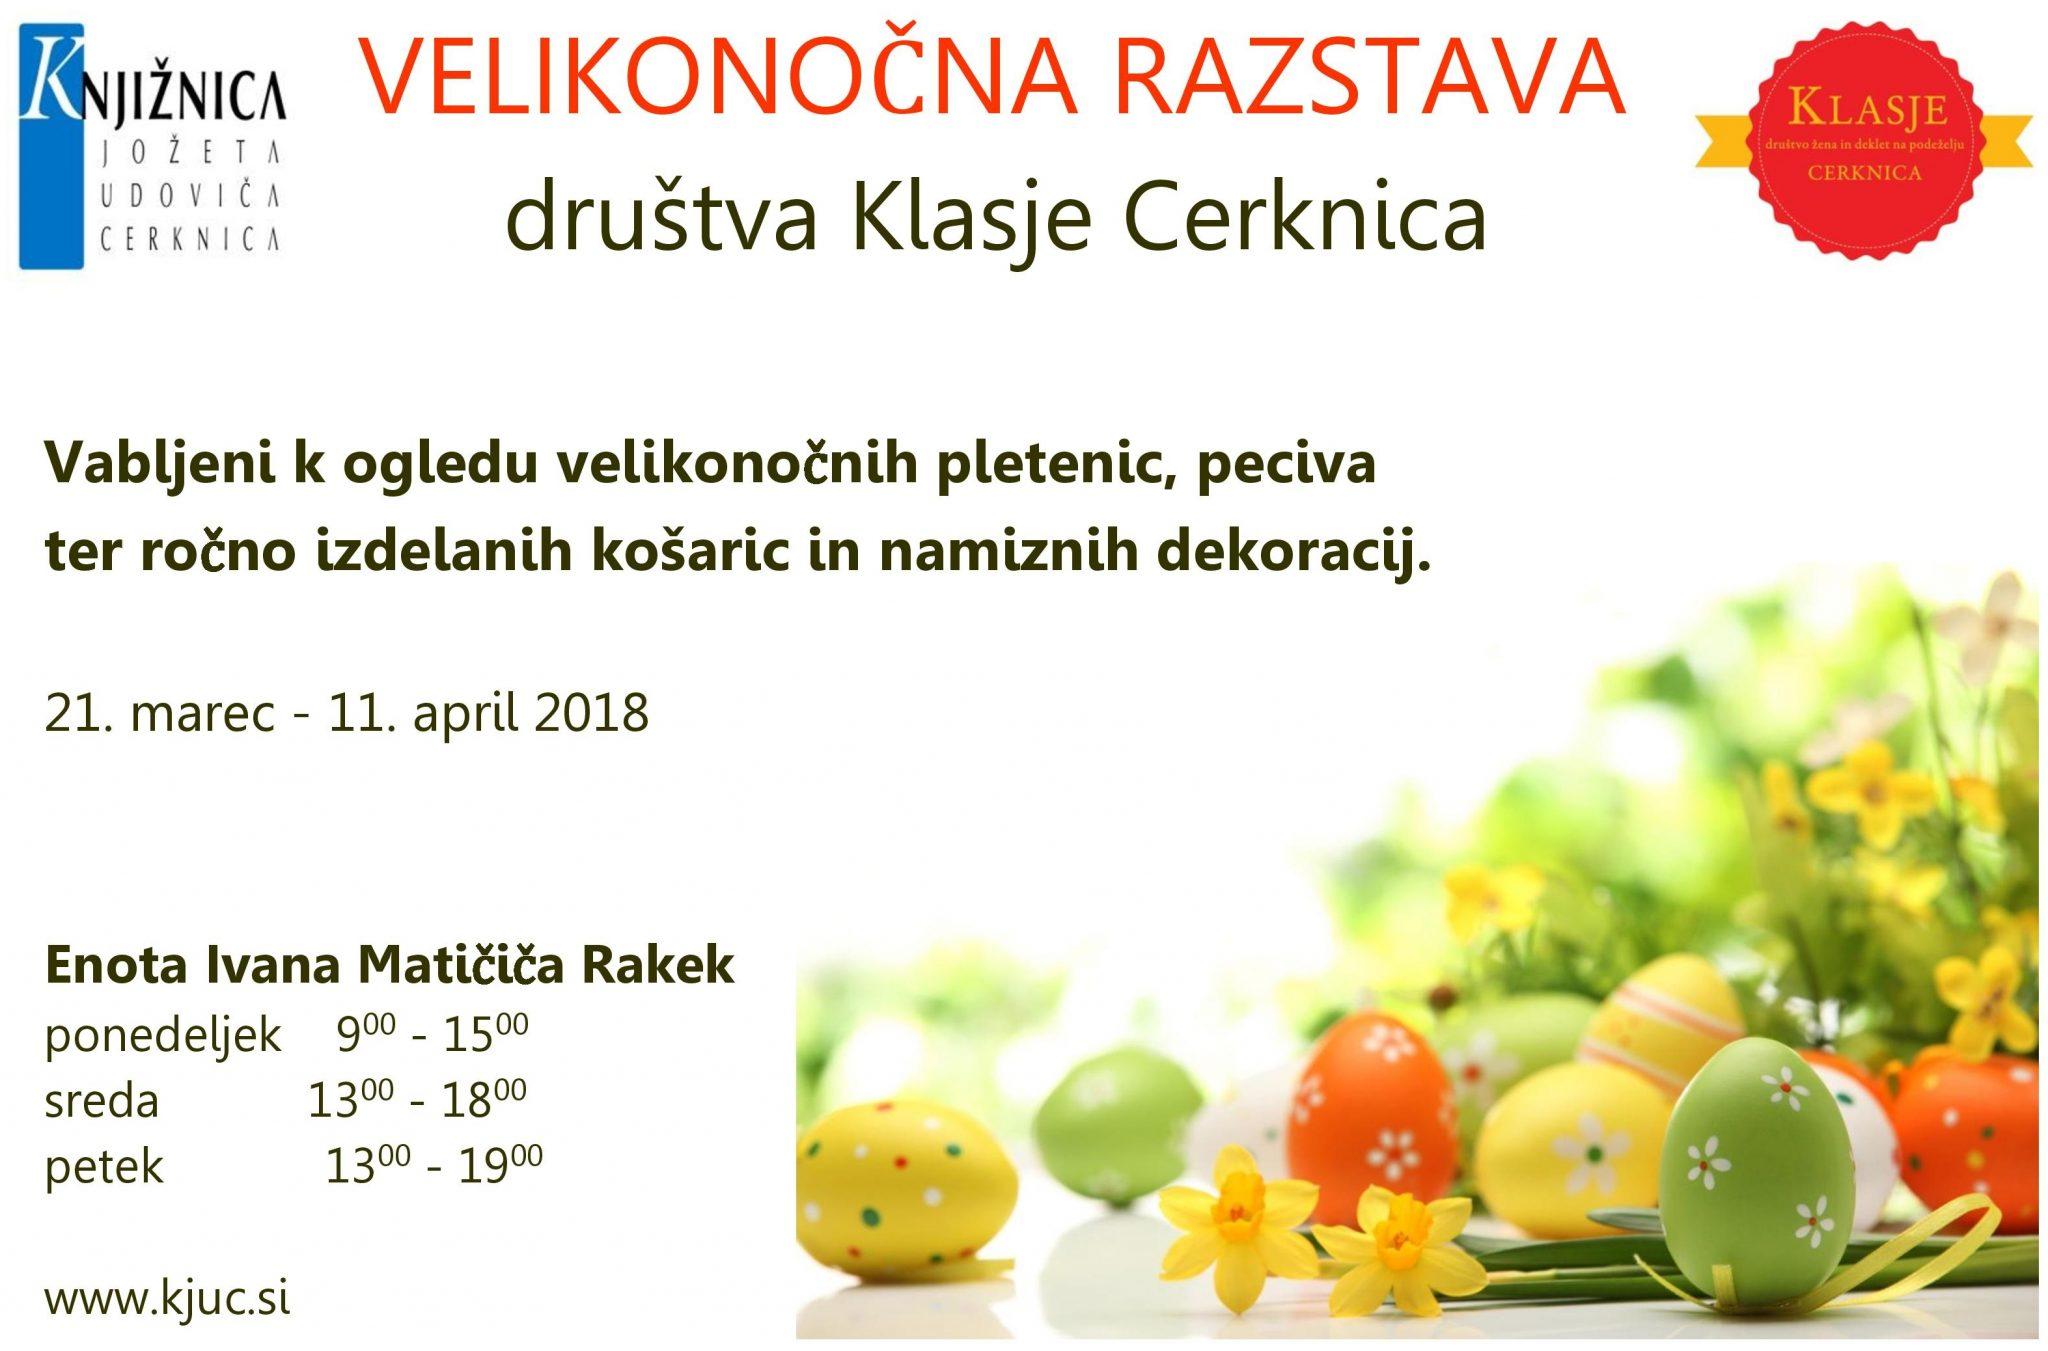 cover 7 - Velikonočna razstava društva Klasje Cerknica